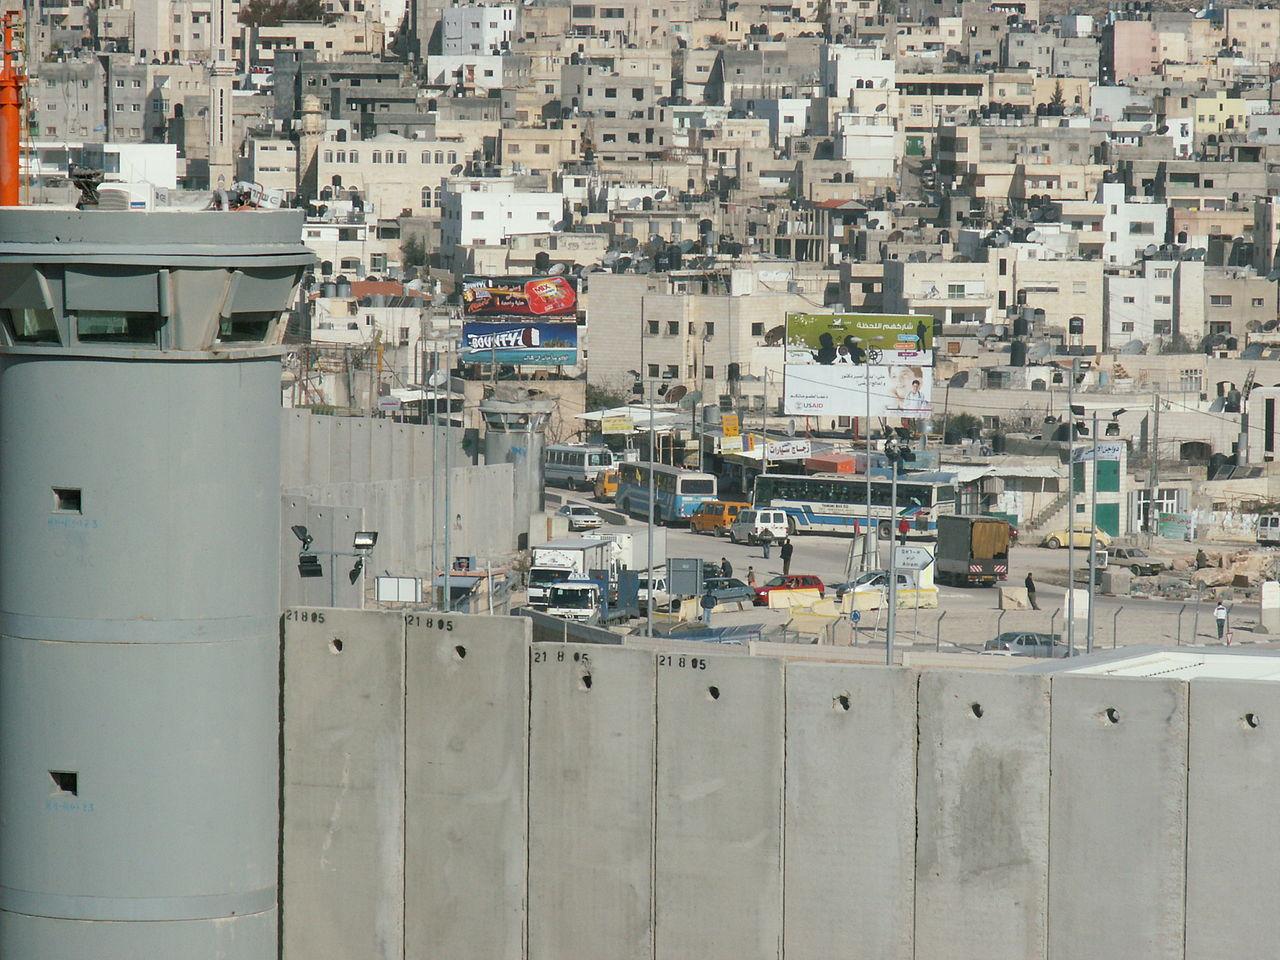 Le camp de réfugiés de Qalandiya